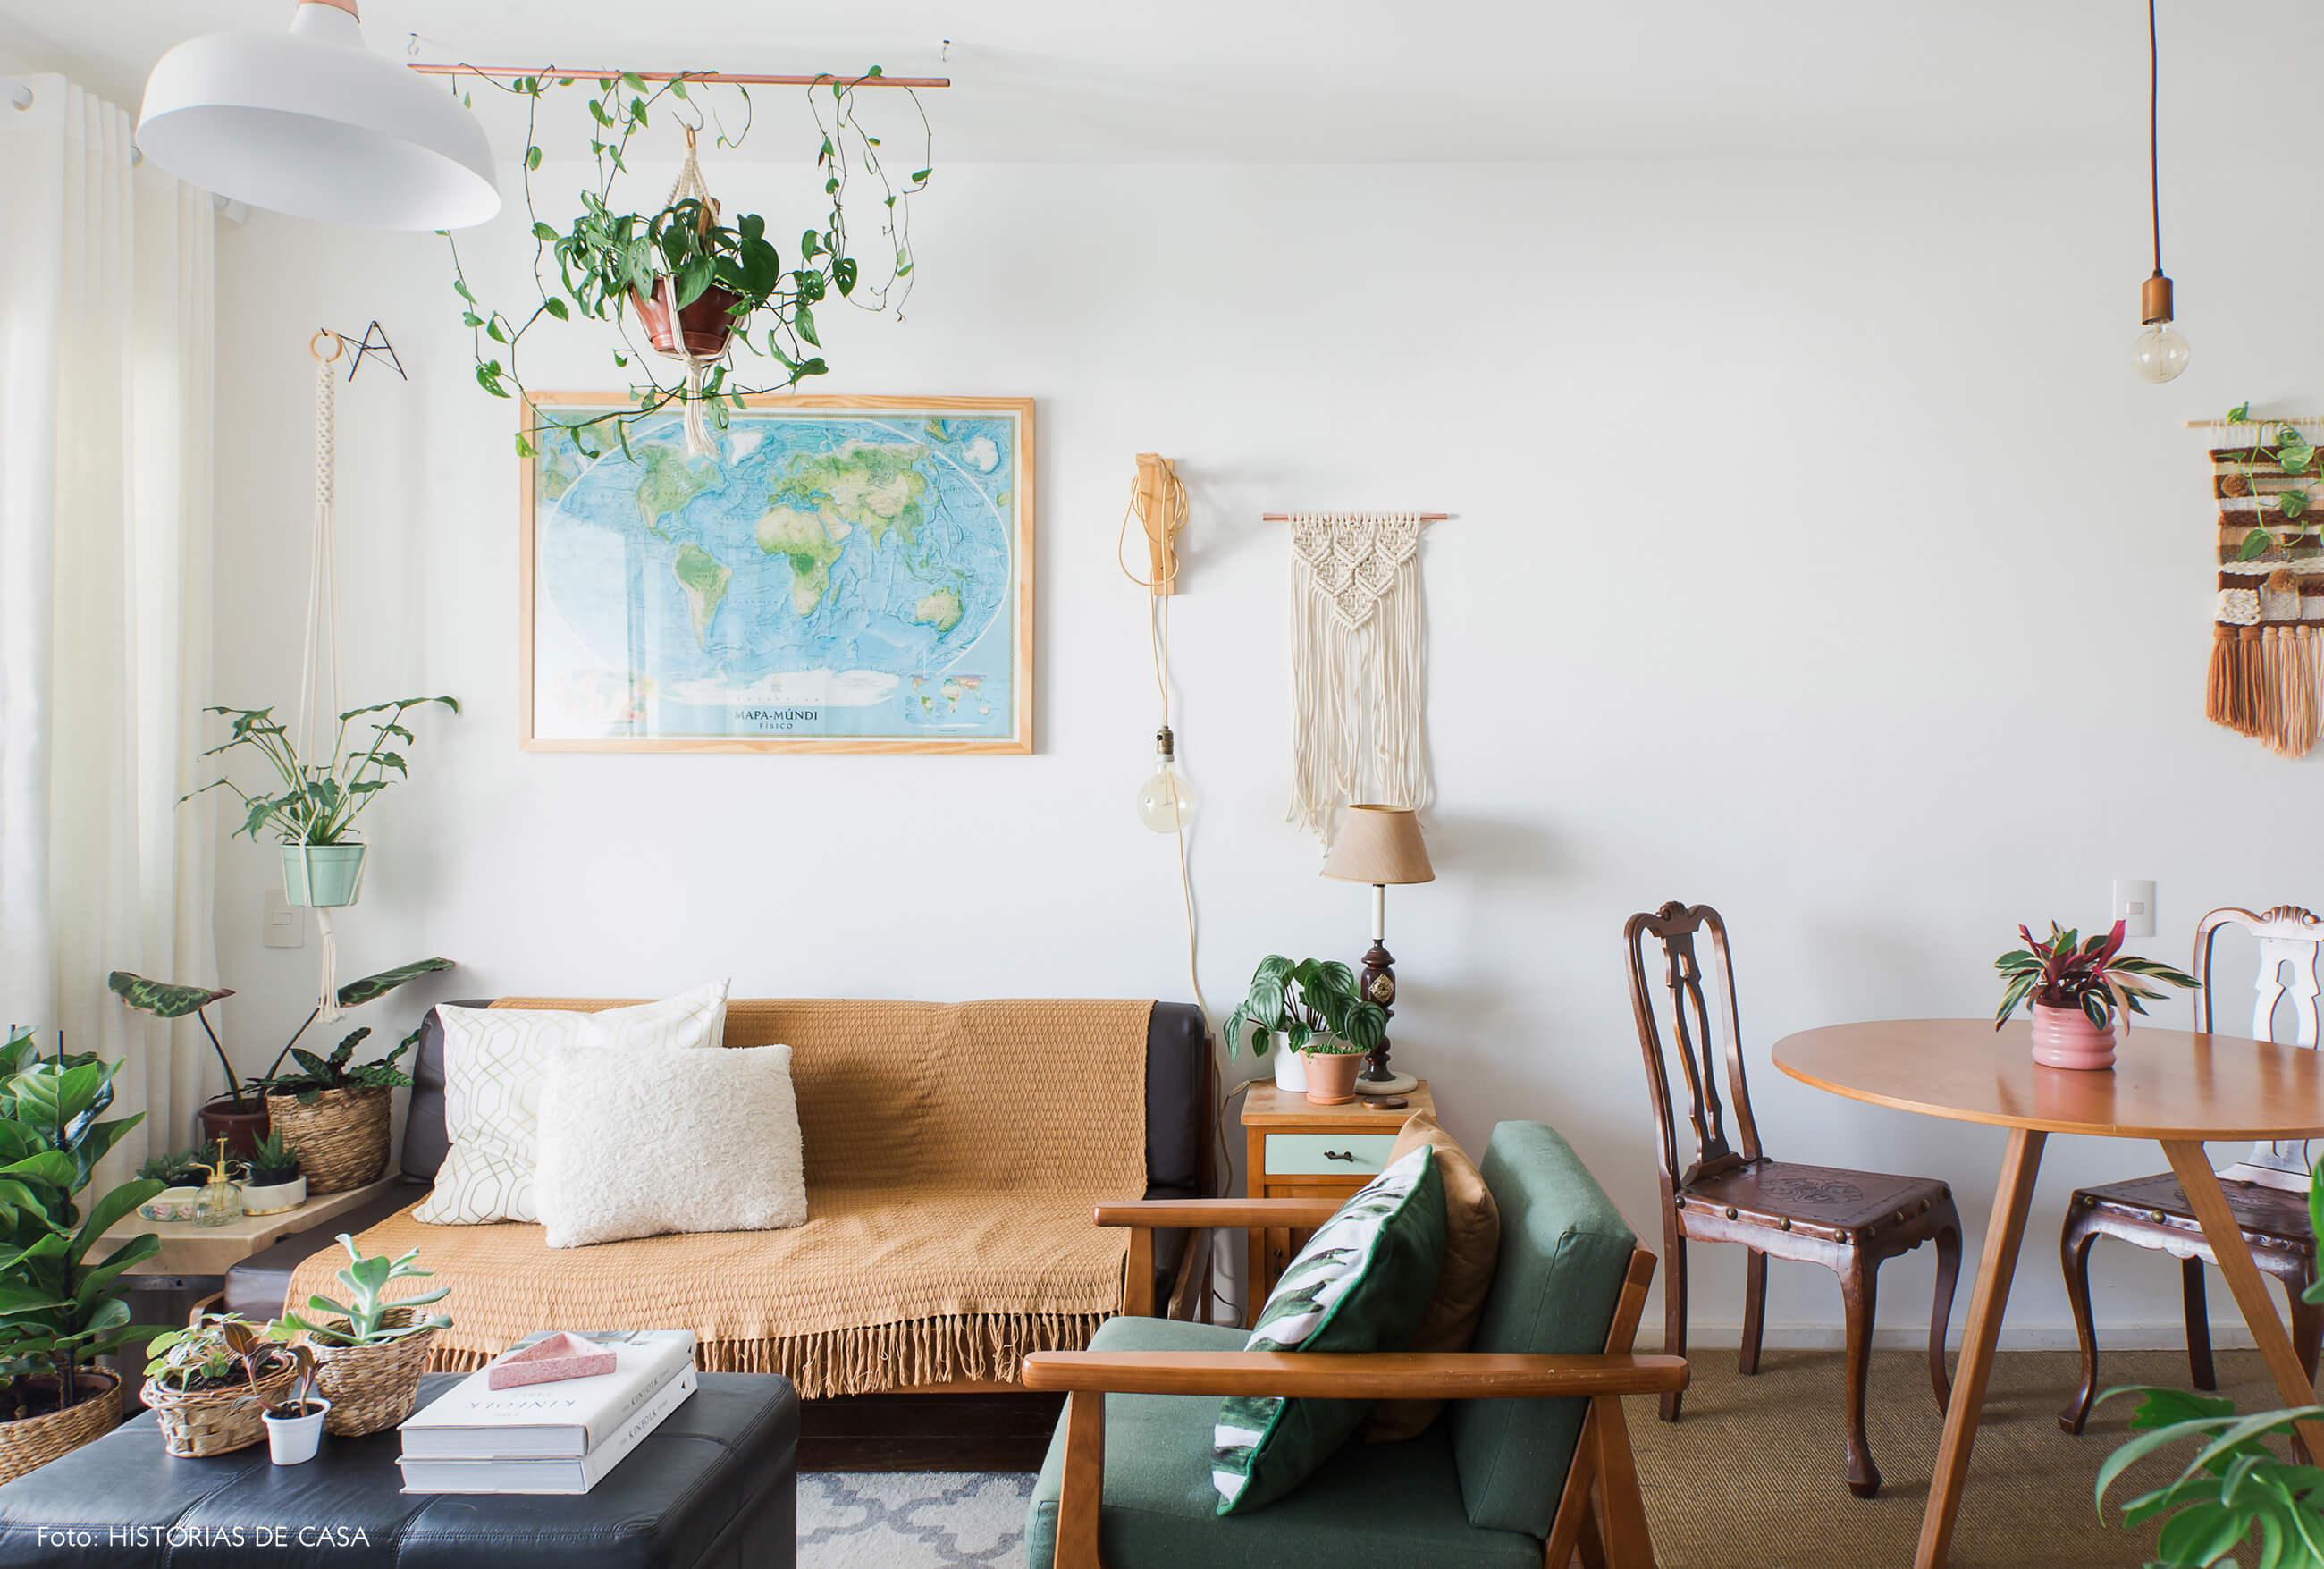 Apartamento pequeno com móveis antigos de família